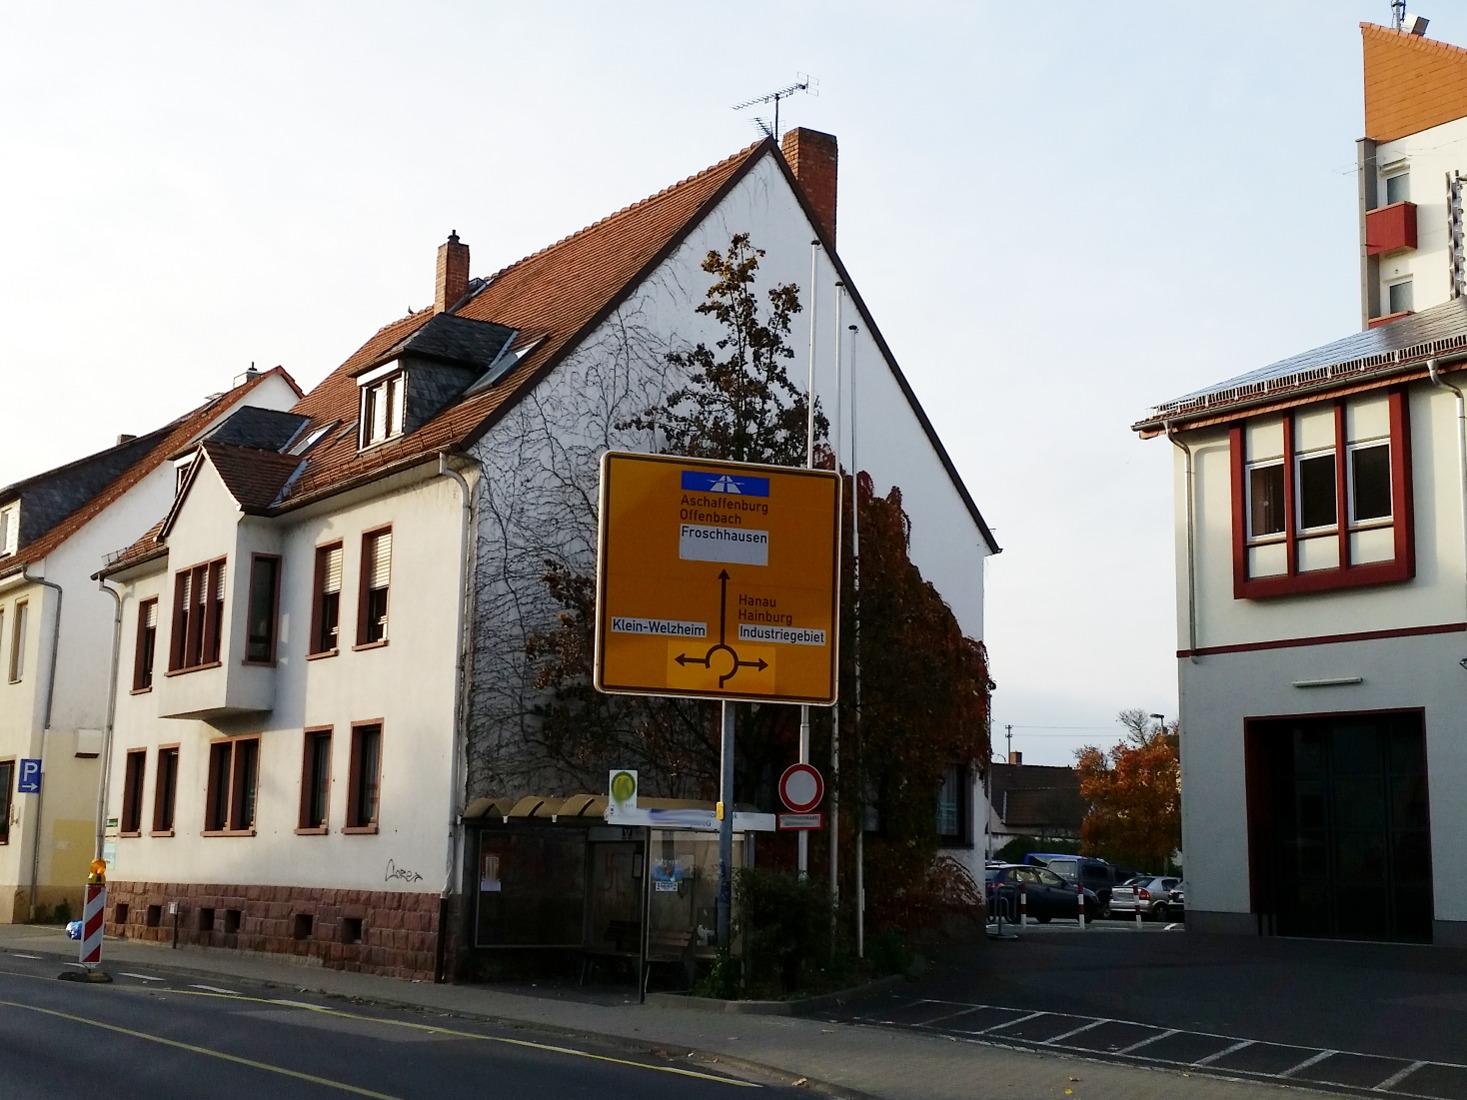 Straßenschild nach Froschhausen